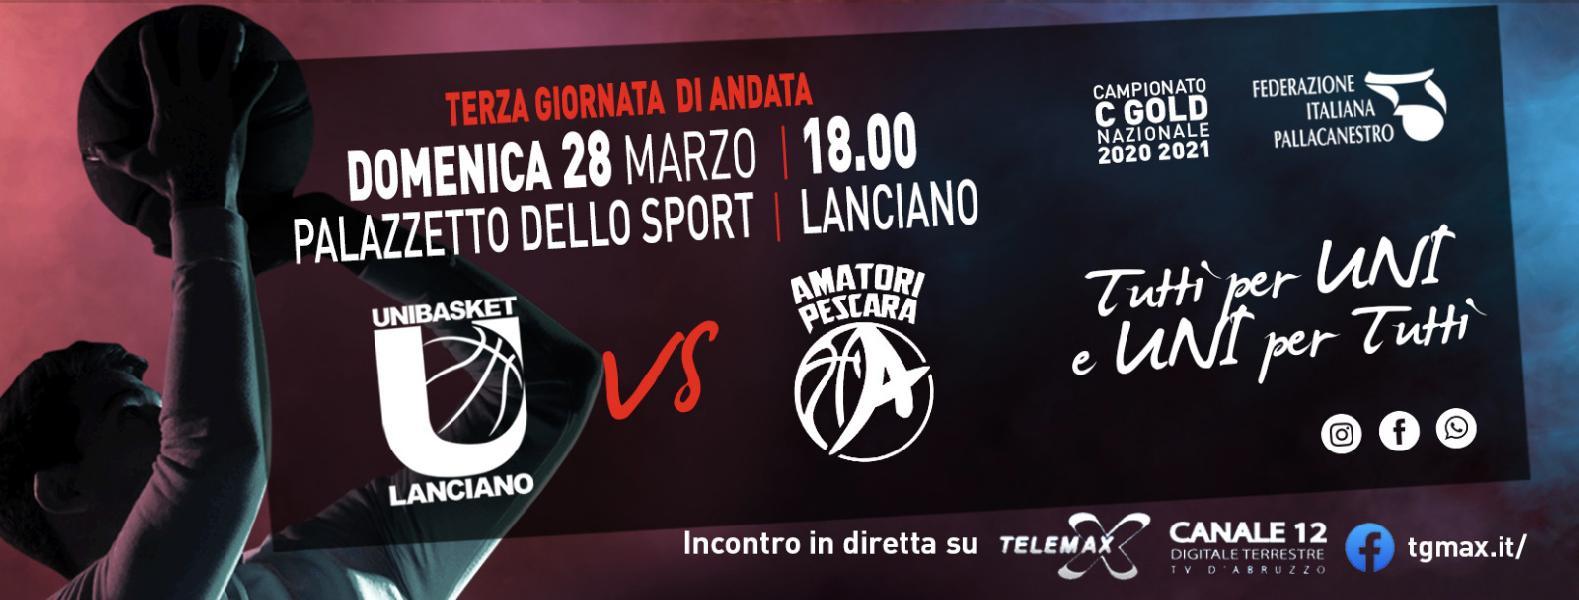 https://www.basketmarche.it/immagini_articoli/25-03-2021/unibasket-lanciano-cerca-prima-vittoria-stagionale-amatori-pescara-1976-600.jpg